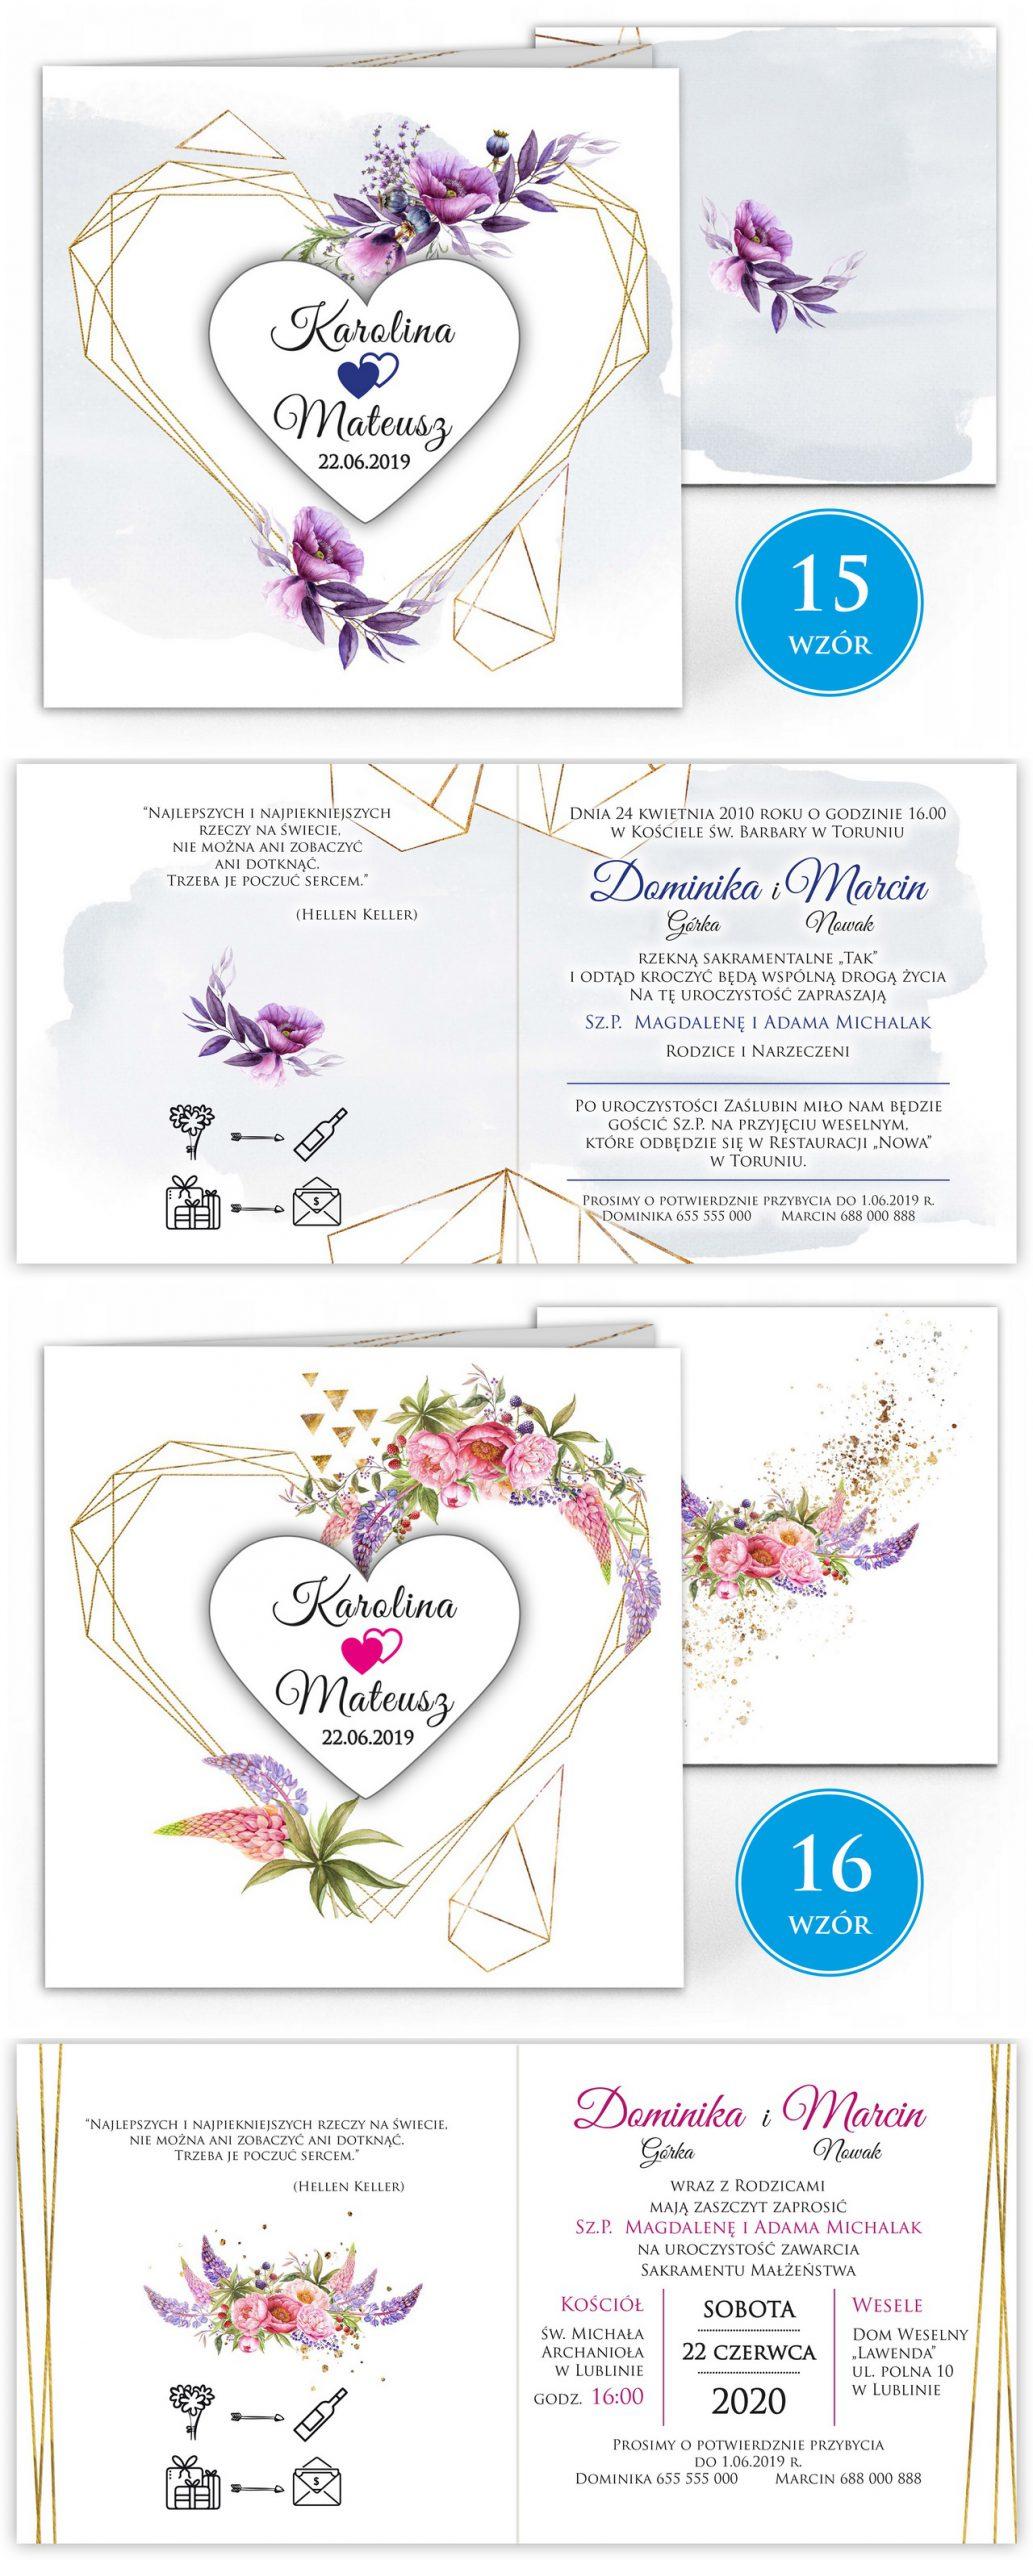 zaproszenia-ślubne-boho-rustykalne-kwiatowe--ramki-serca-geometryczne-ze-wstążką-Wenus2-plansza-wzory15-16